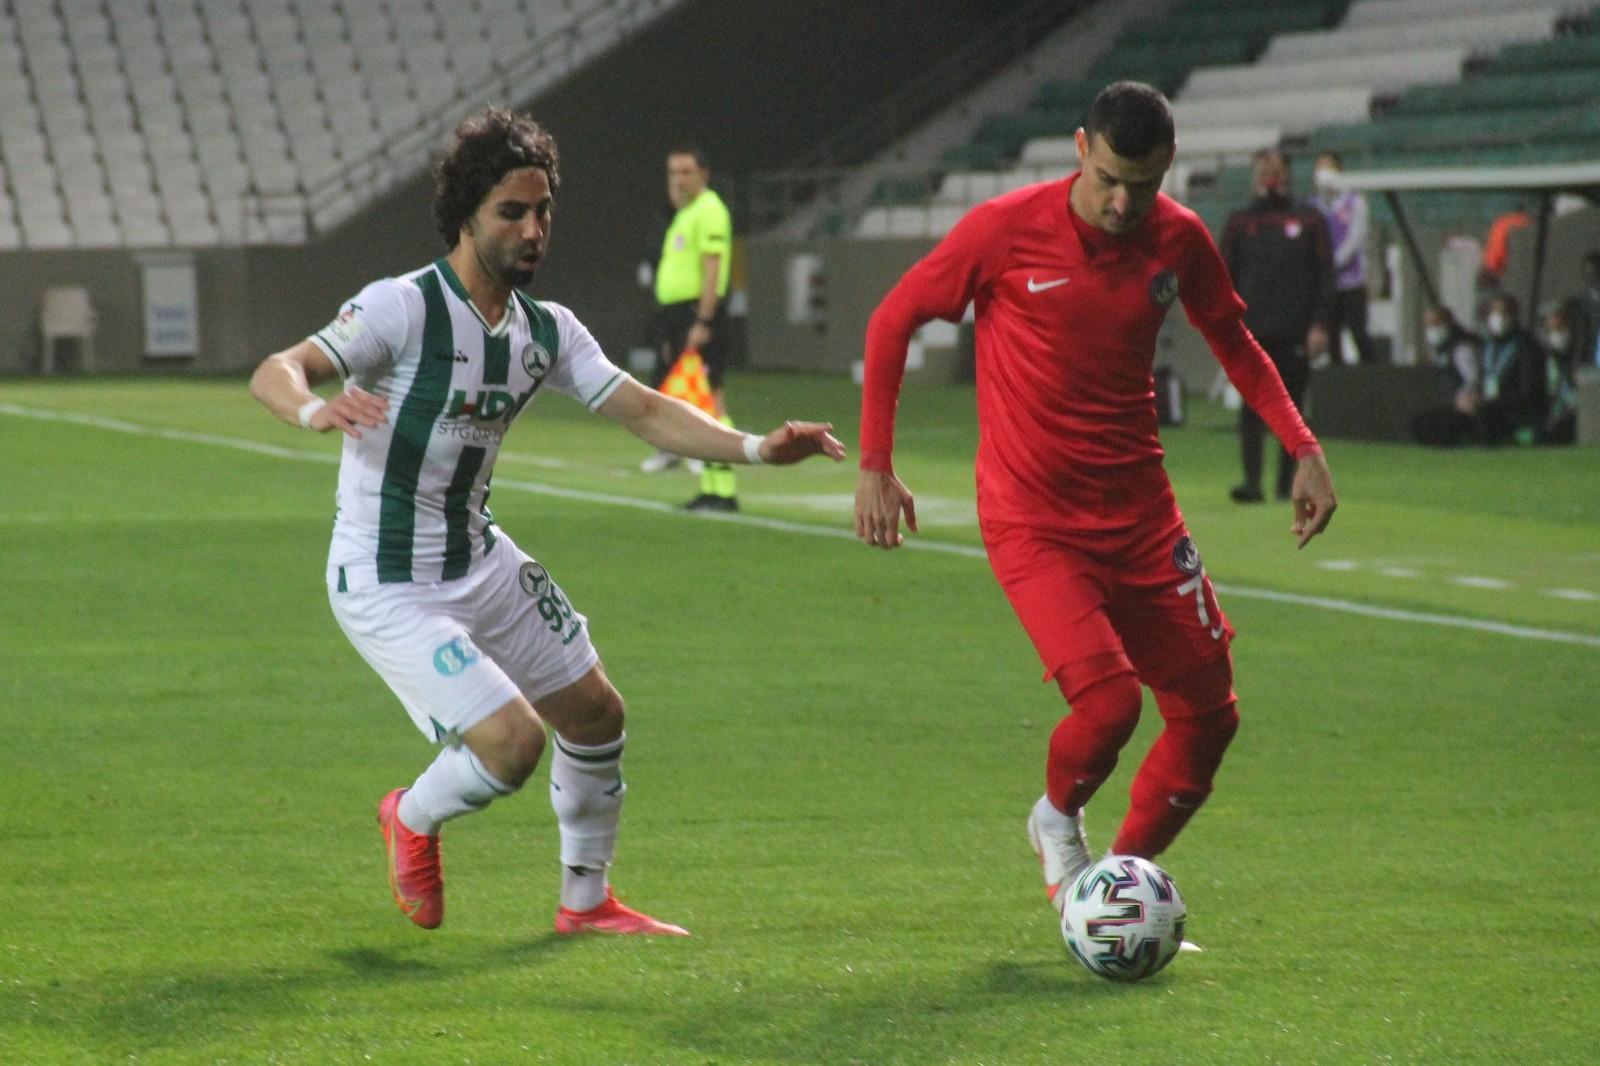 TFF 1. Lig: GZT Giresunspor: 1 – Ankara Keçiörengücü: 1 (İlk yarı sonucu)